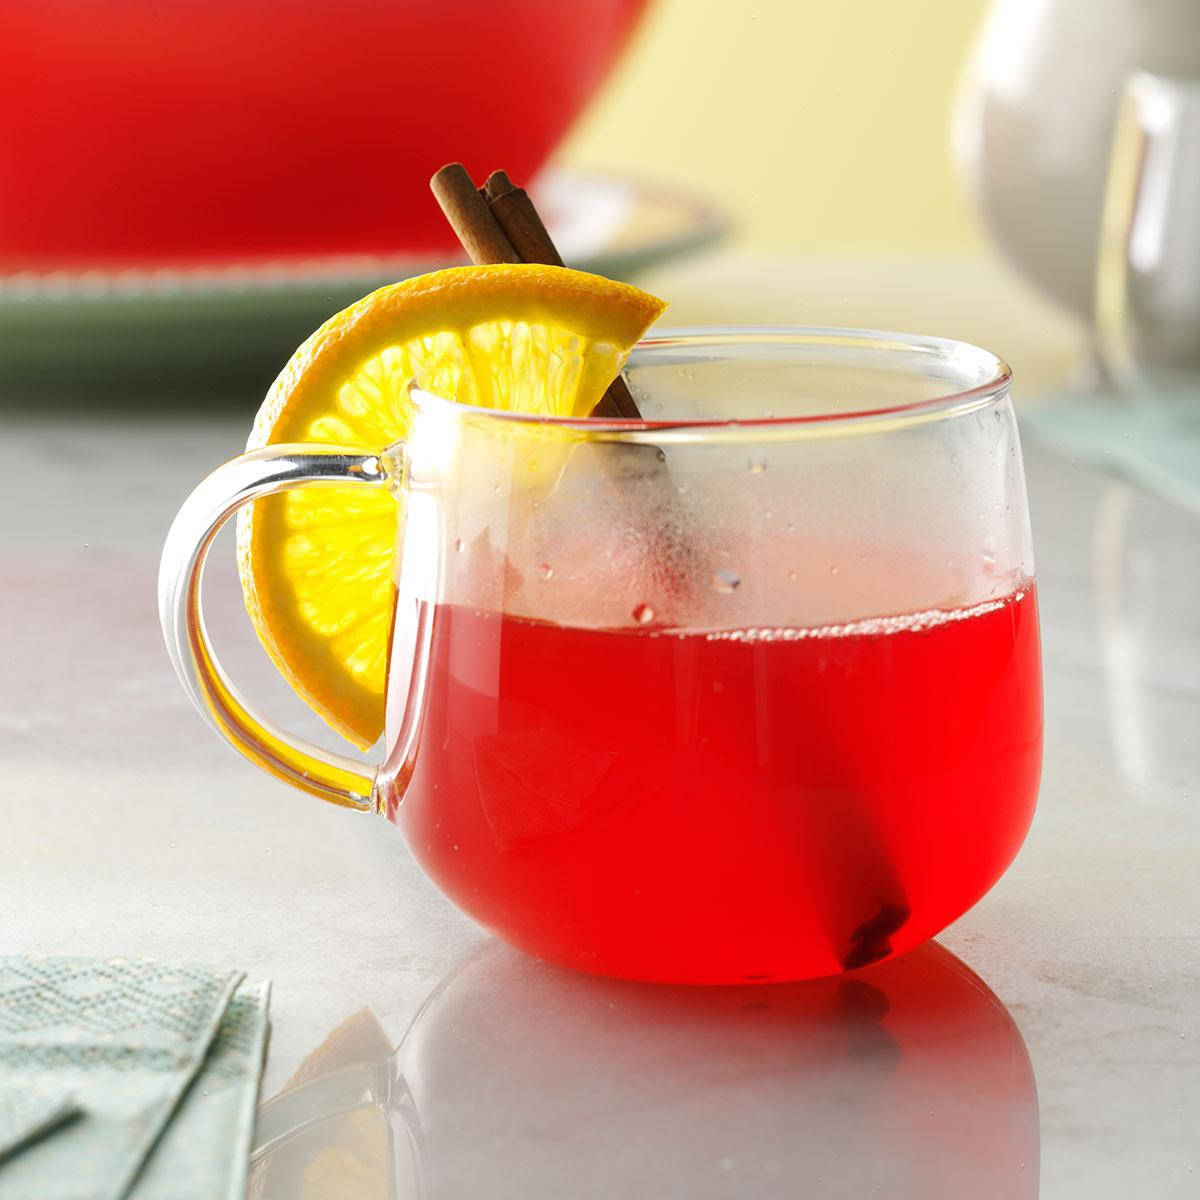 クランベリージュースの作り方まとめ!カクテルレシピもご紹介!